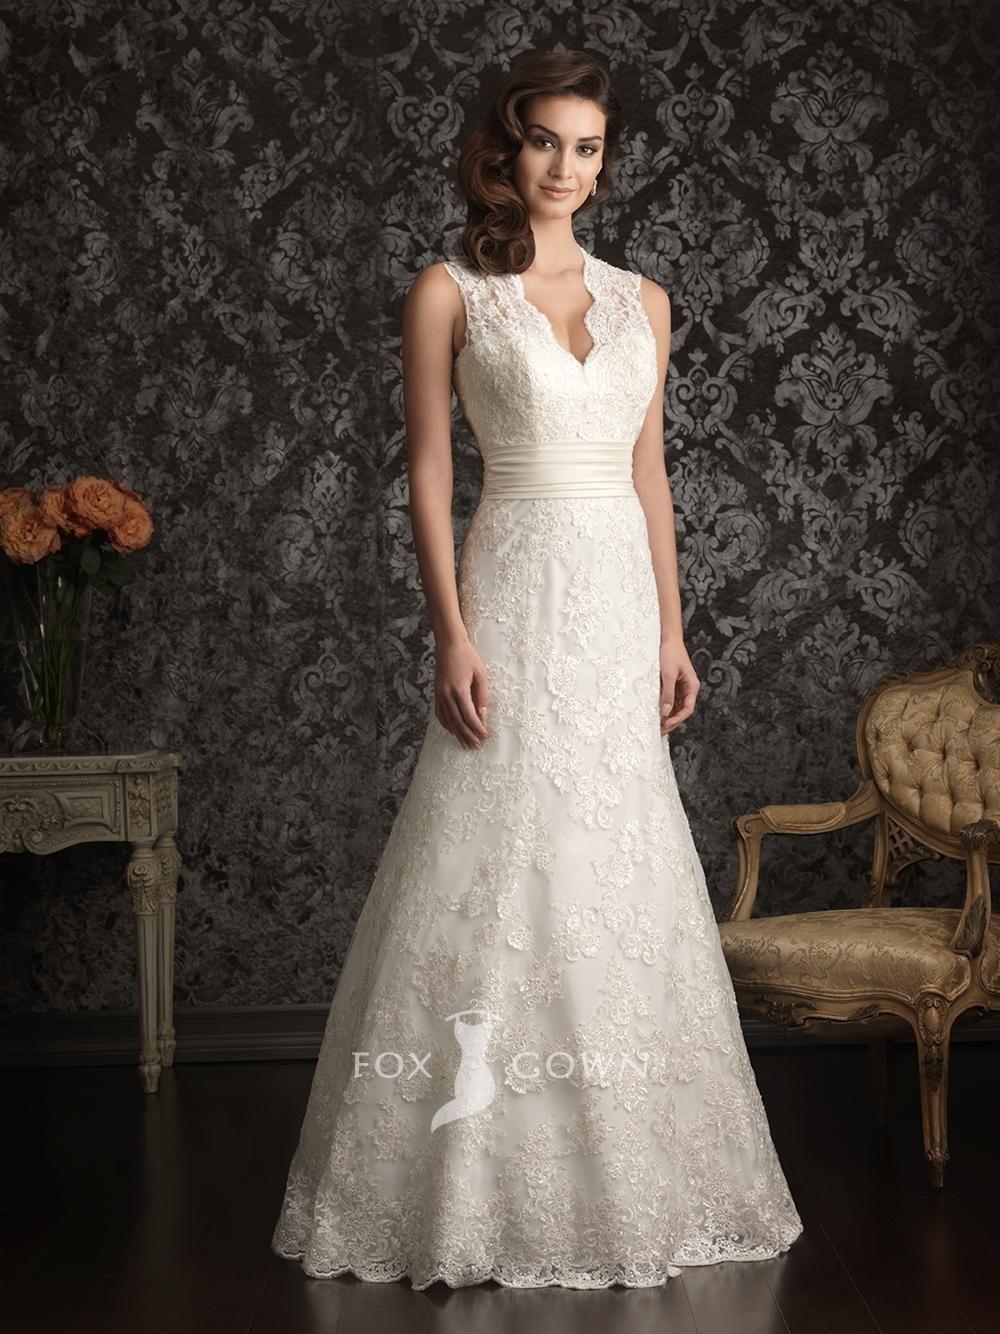 Lace keyhole back wedding dress  plain lace sleeveless aline scalloped vneck keyhole back wedding